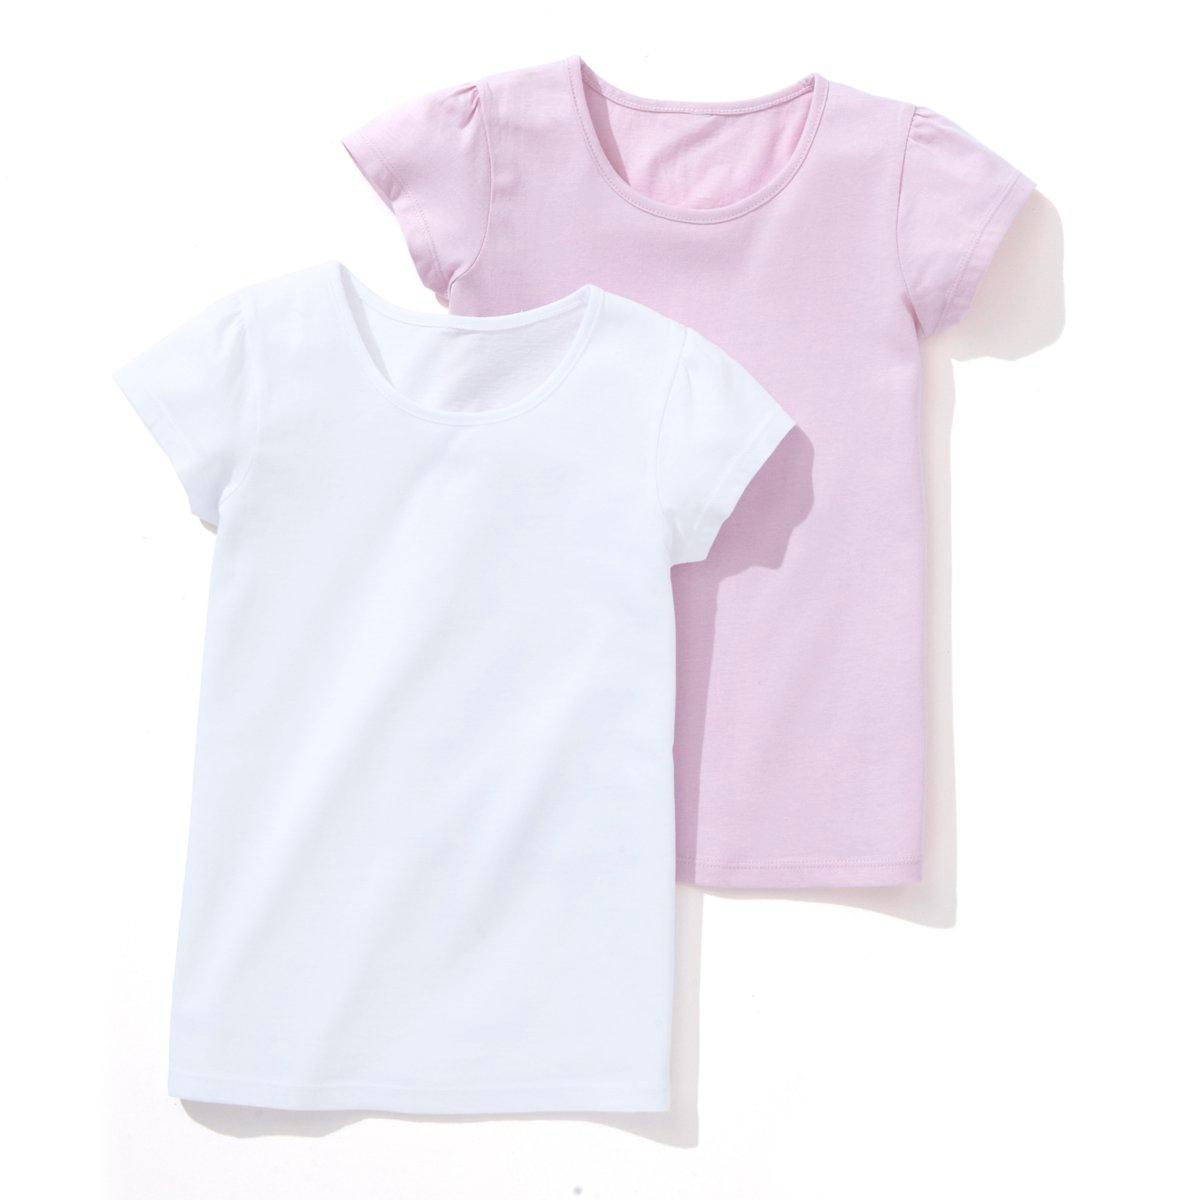 Комплект из футболок 3-12 лет